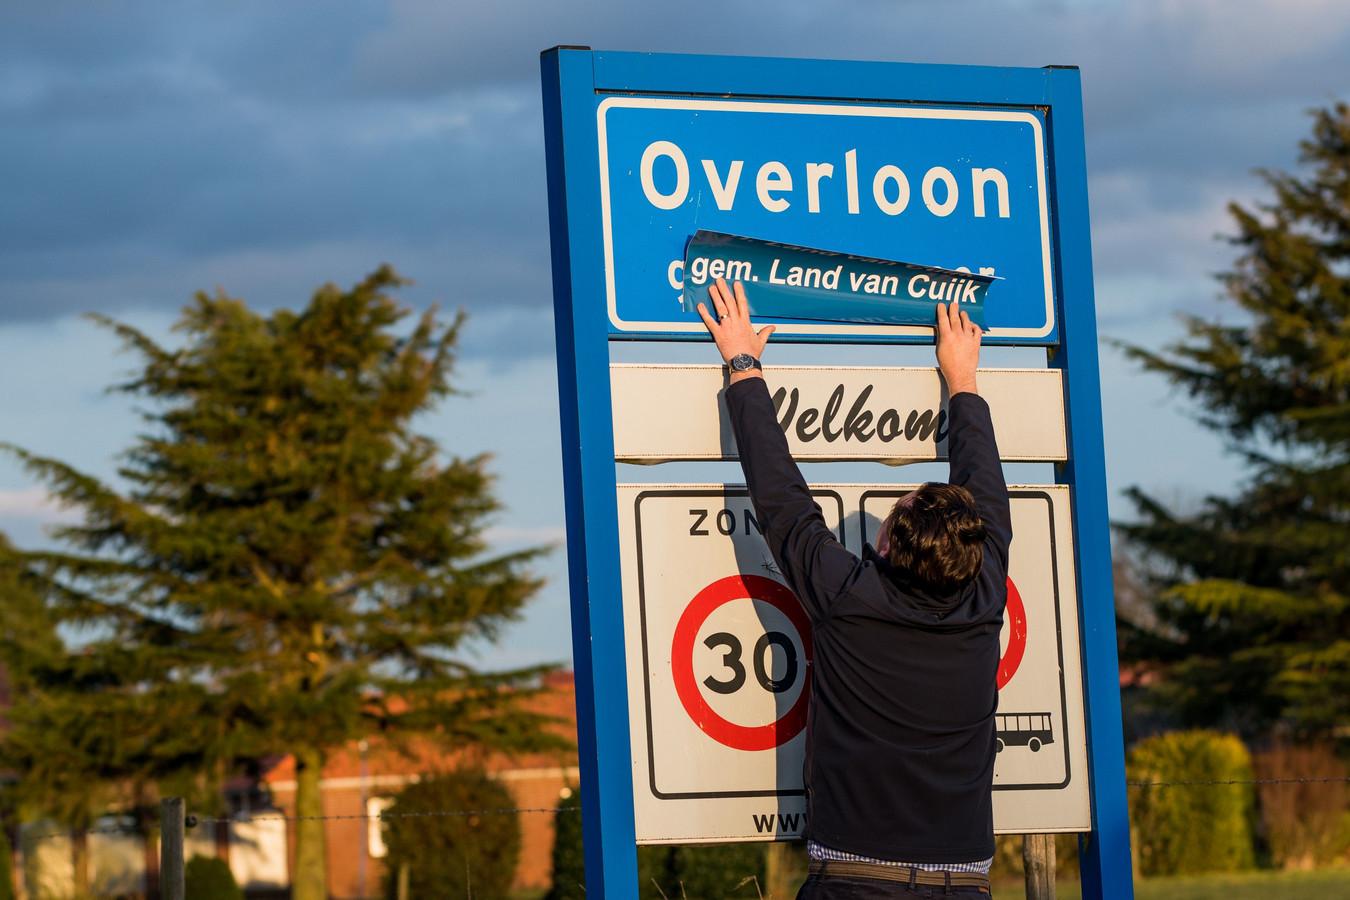 Plaatsnaamborden zullen na de fusie tussen Cuijk, Boxmeer en Sint Anthonis zijn voorzien van de toevoeging Gemeente Land van Cuijk. The Youg Talent Group had dat een paar jaar geleden al voorzien en plakte overal stickers op de borden.